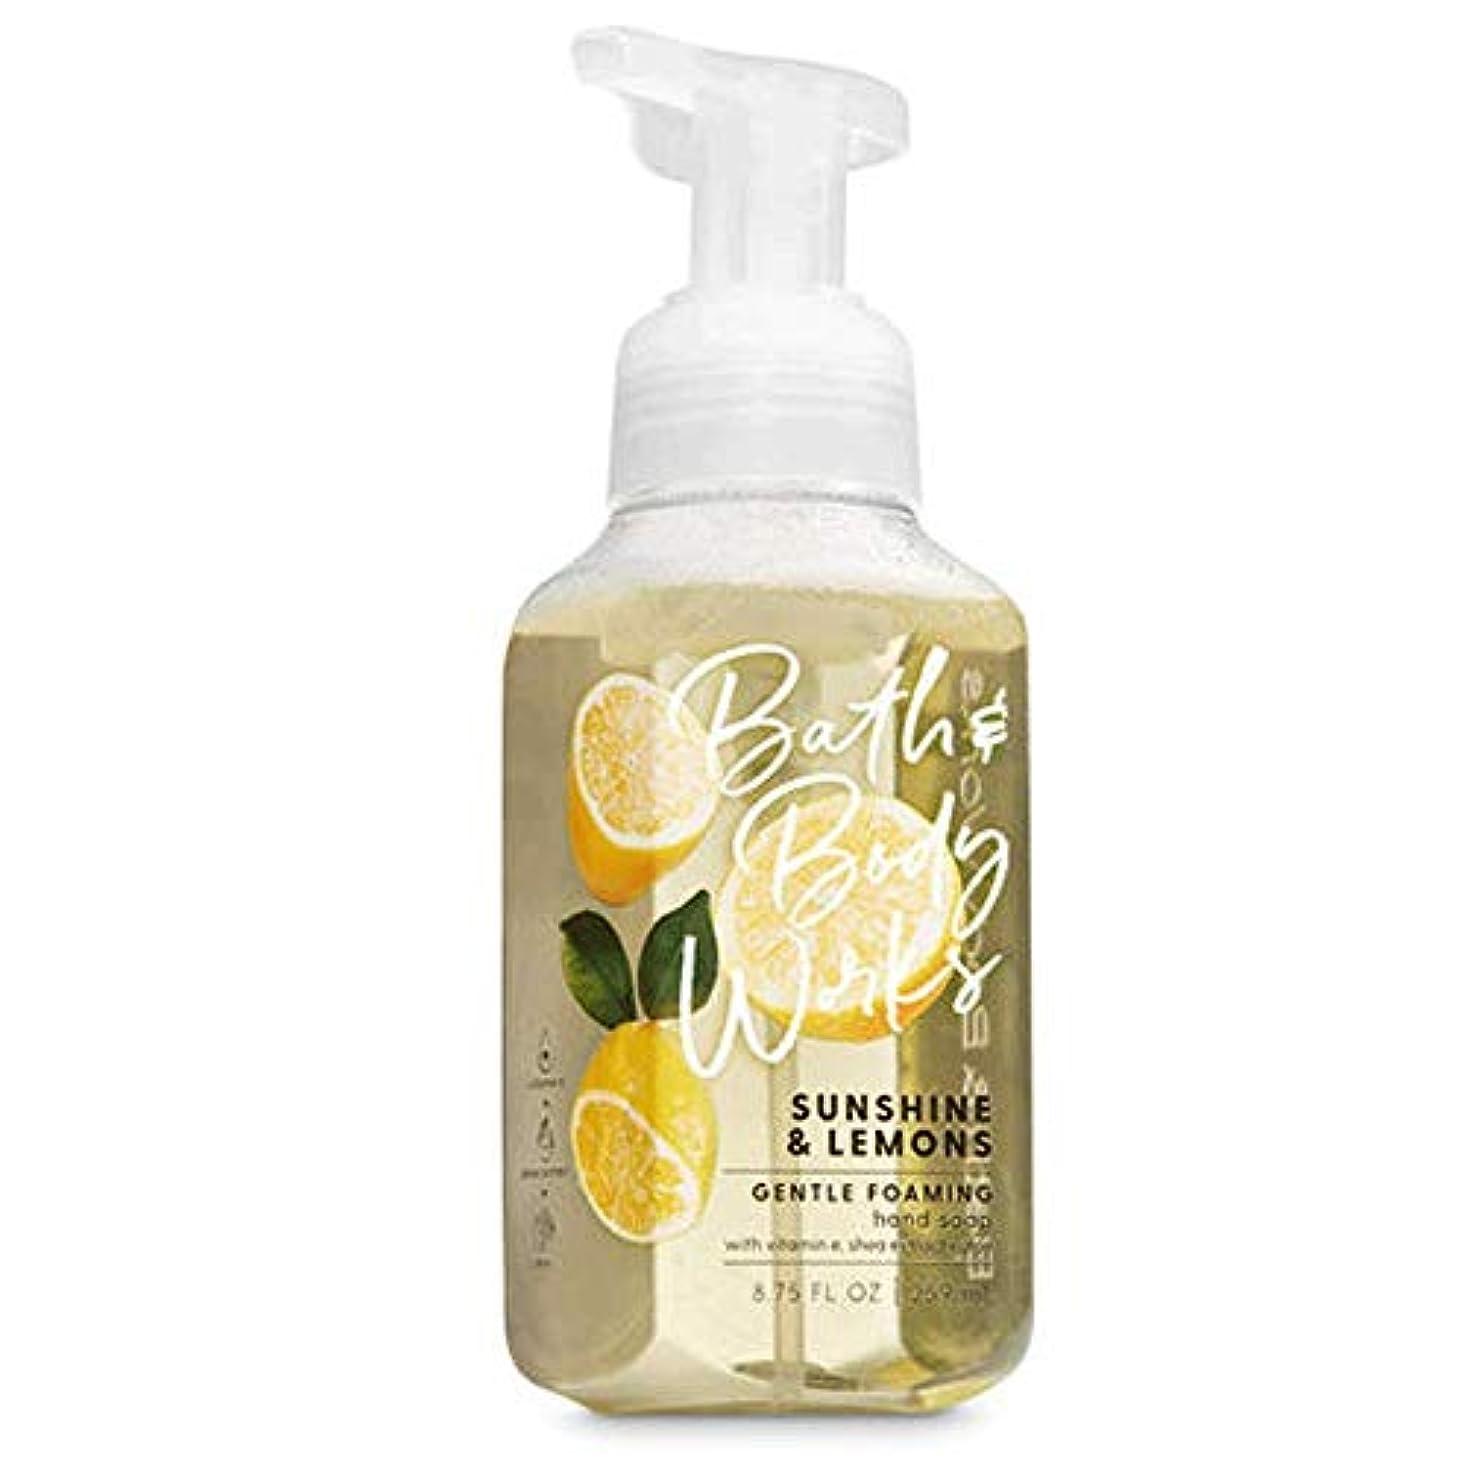 退院職業味バス&ボディワークス サンシャインレモン ジェントル フォーミング ハンドソープ Sunshine & Lemons Gentle Foaming Hand Soap